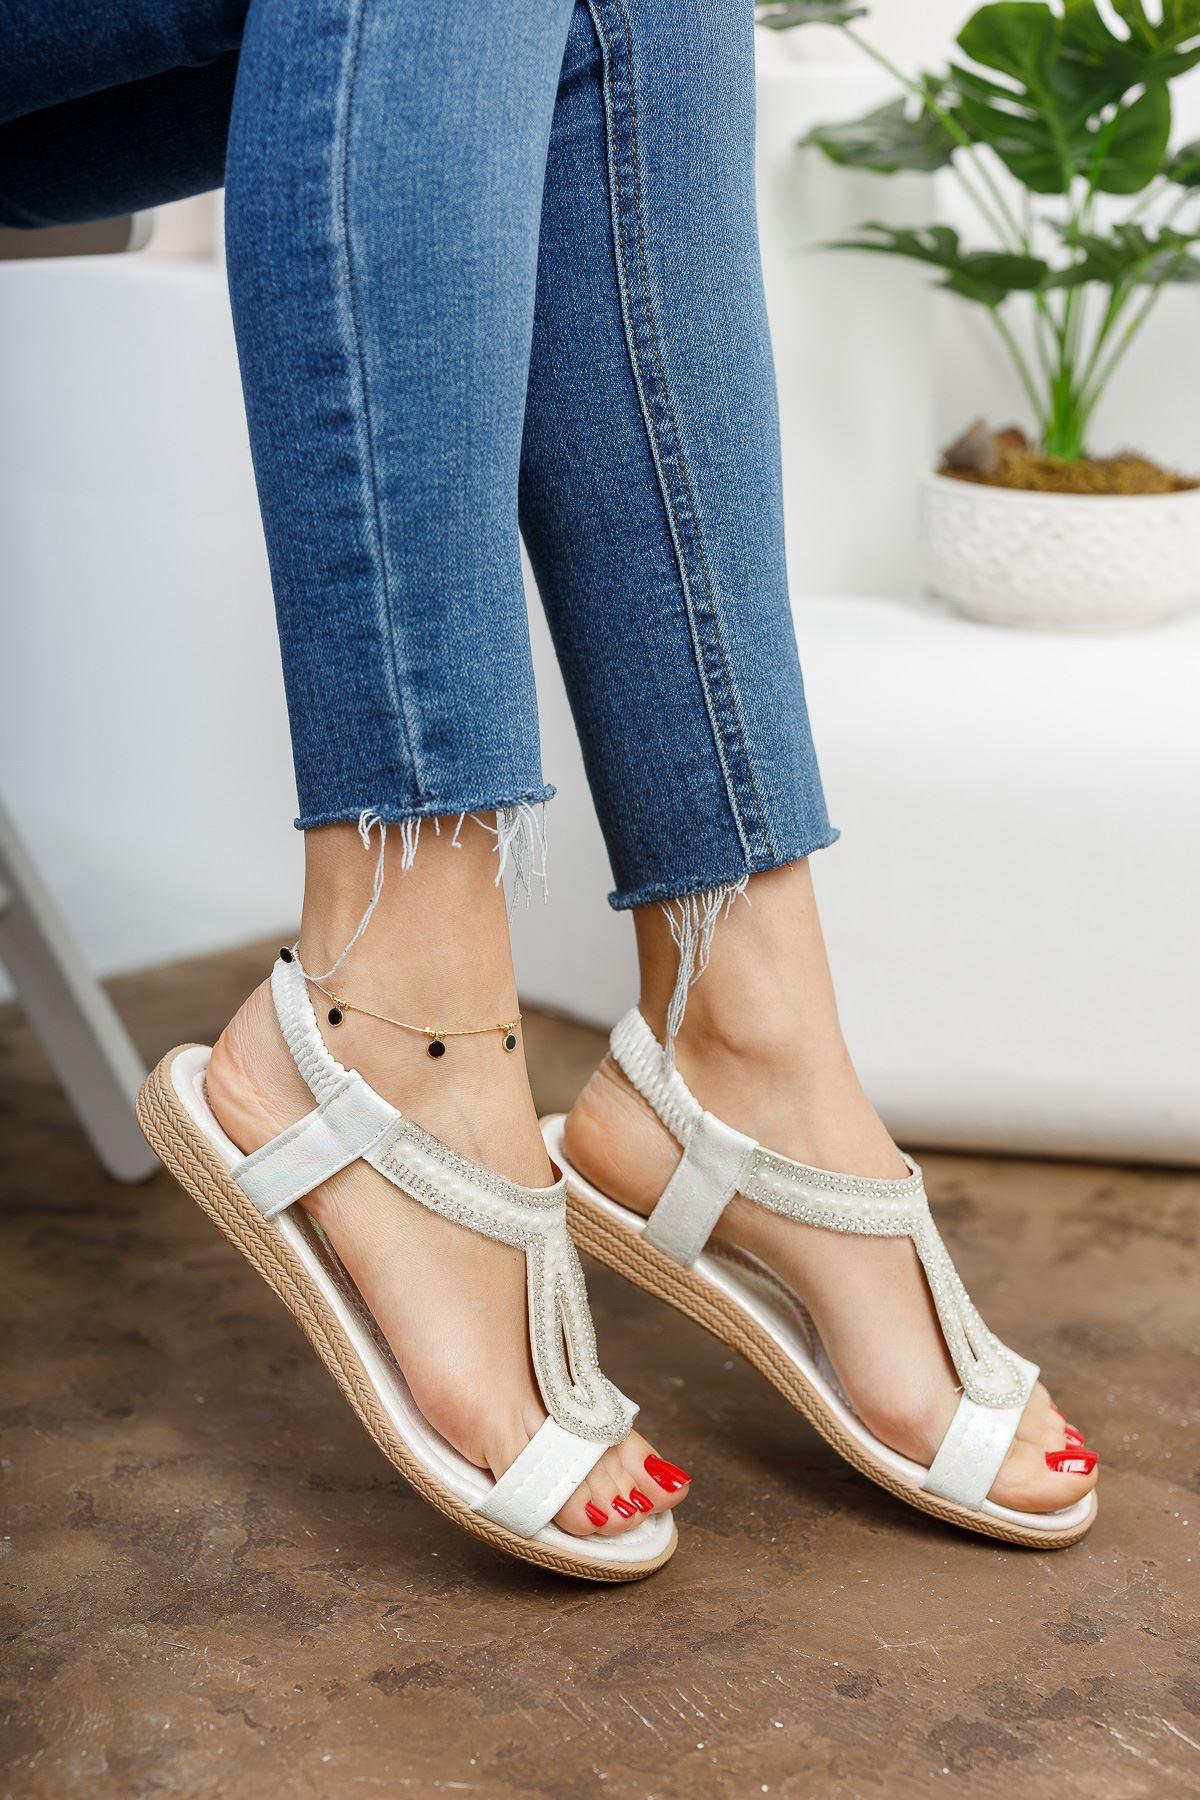 May Beyaz Kadın Sandalet